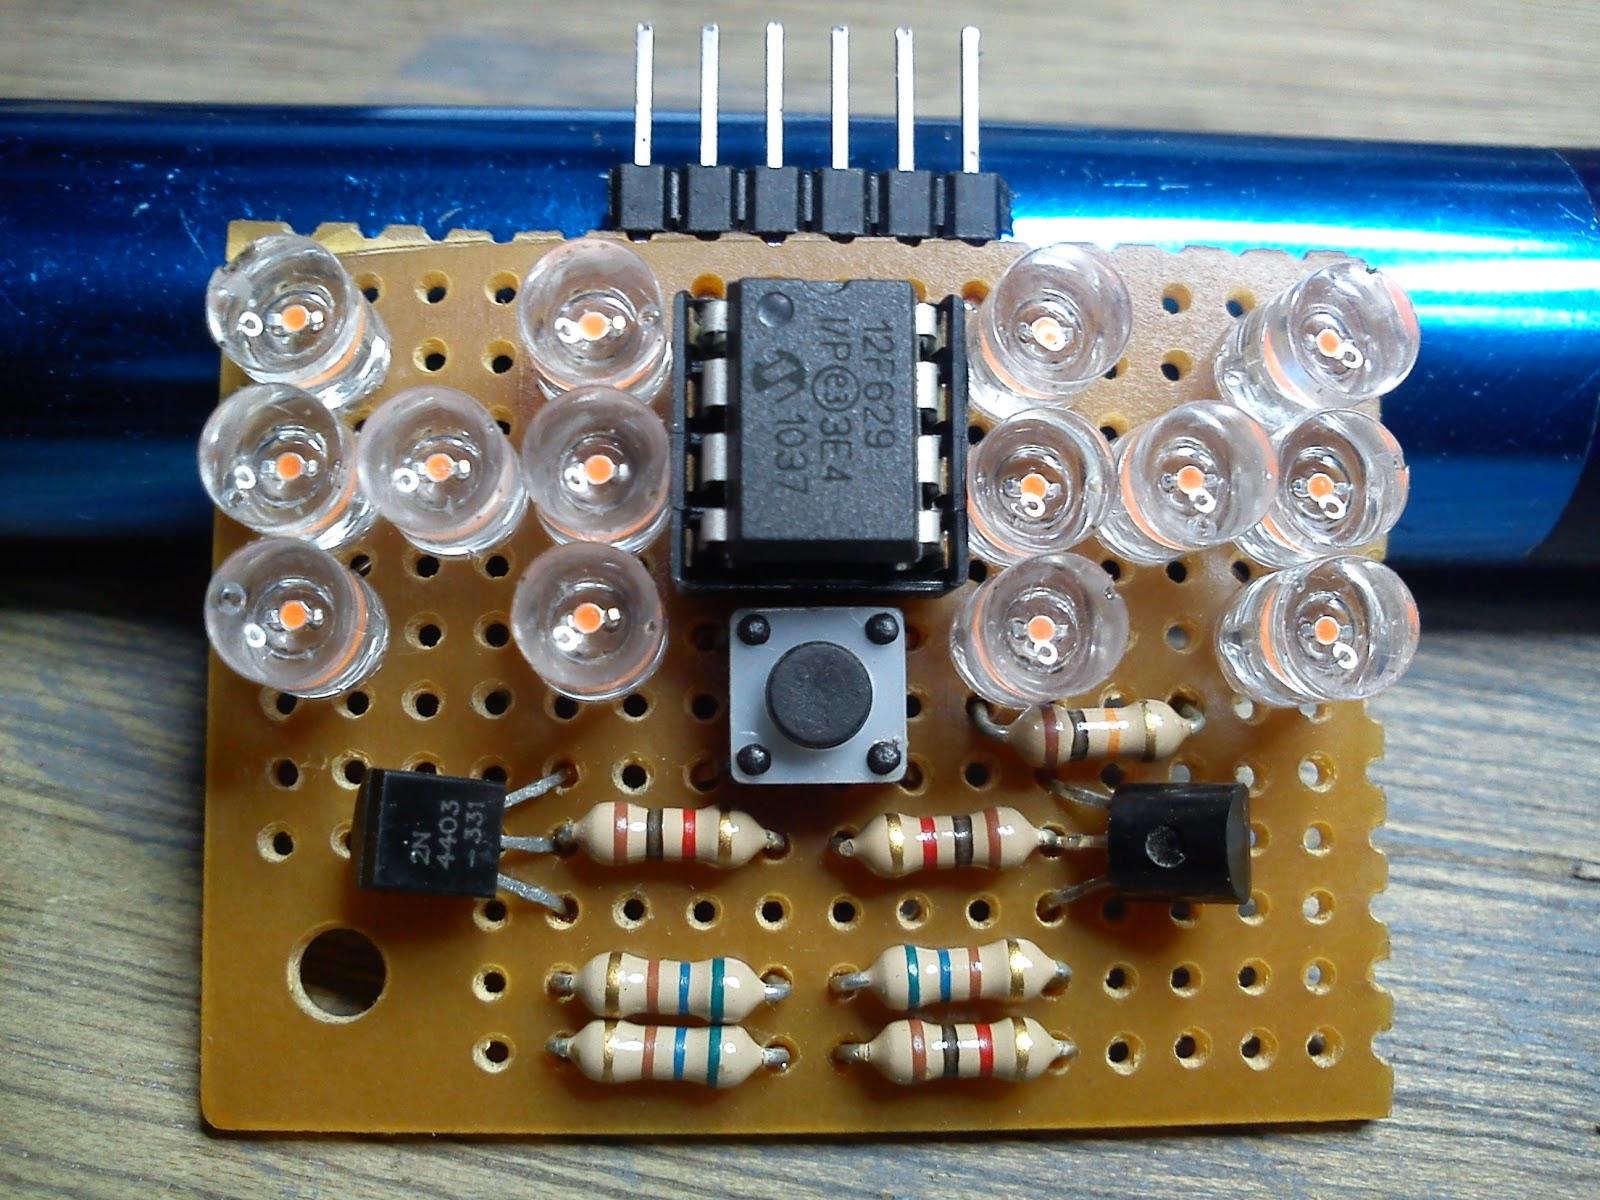 Led Christmas Light Circuit